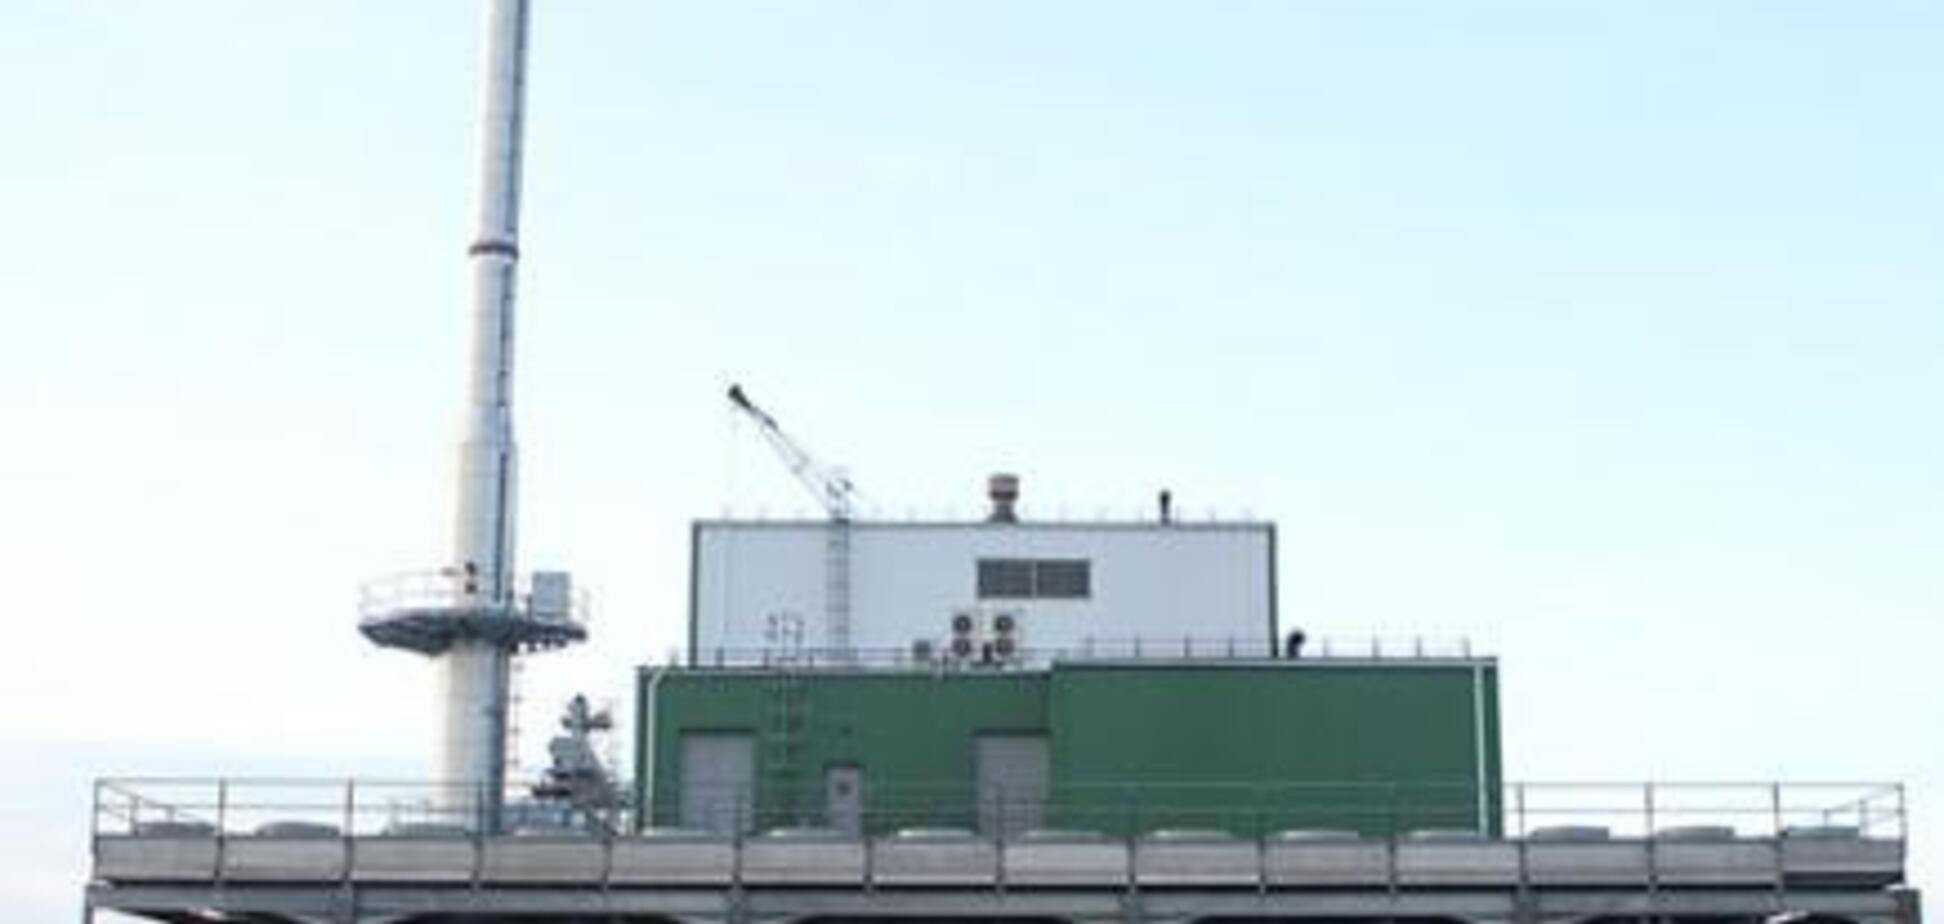 Під Києвом вугільну станцію перетворили на біопаливну: як це працює